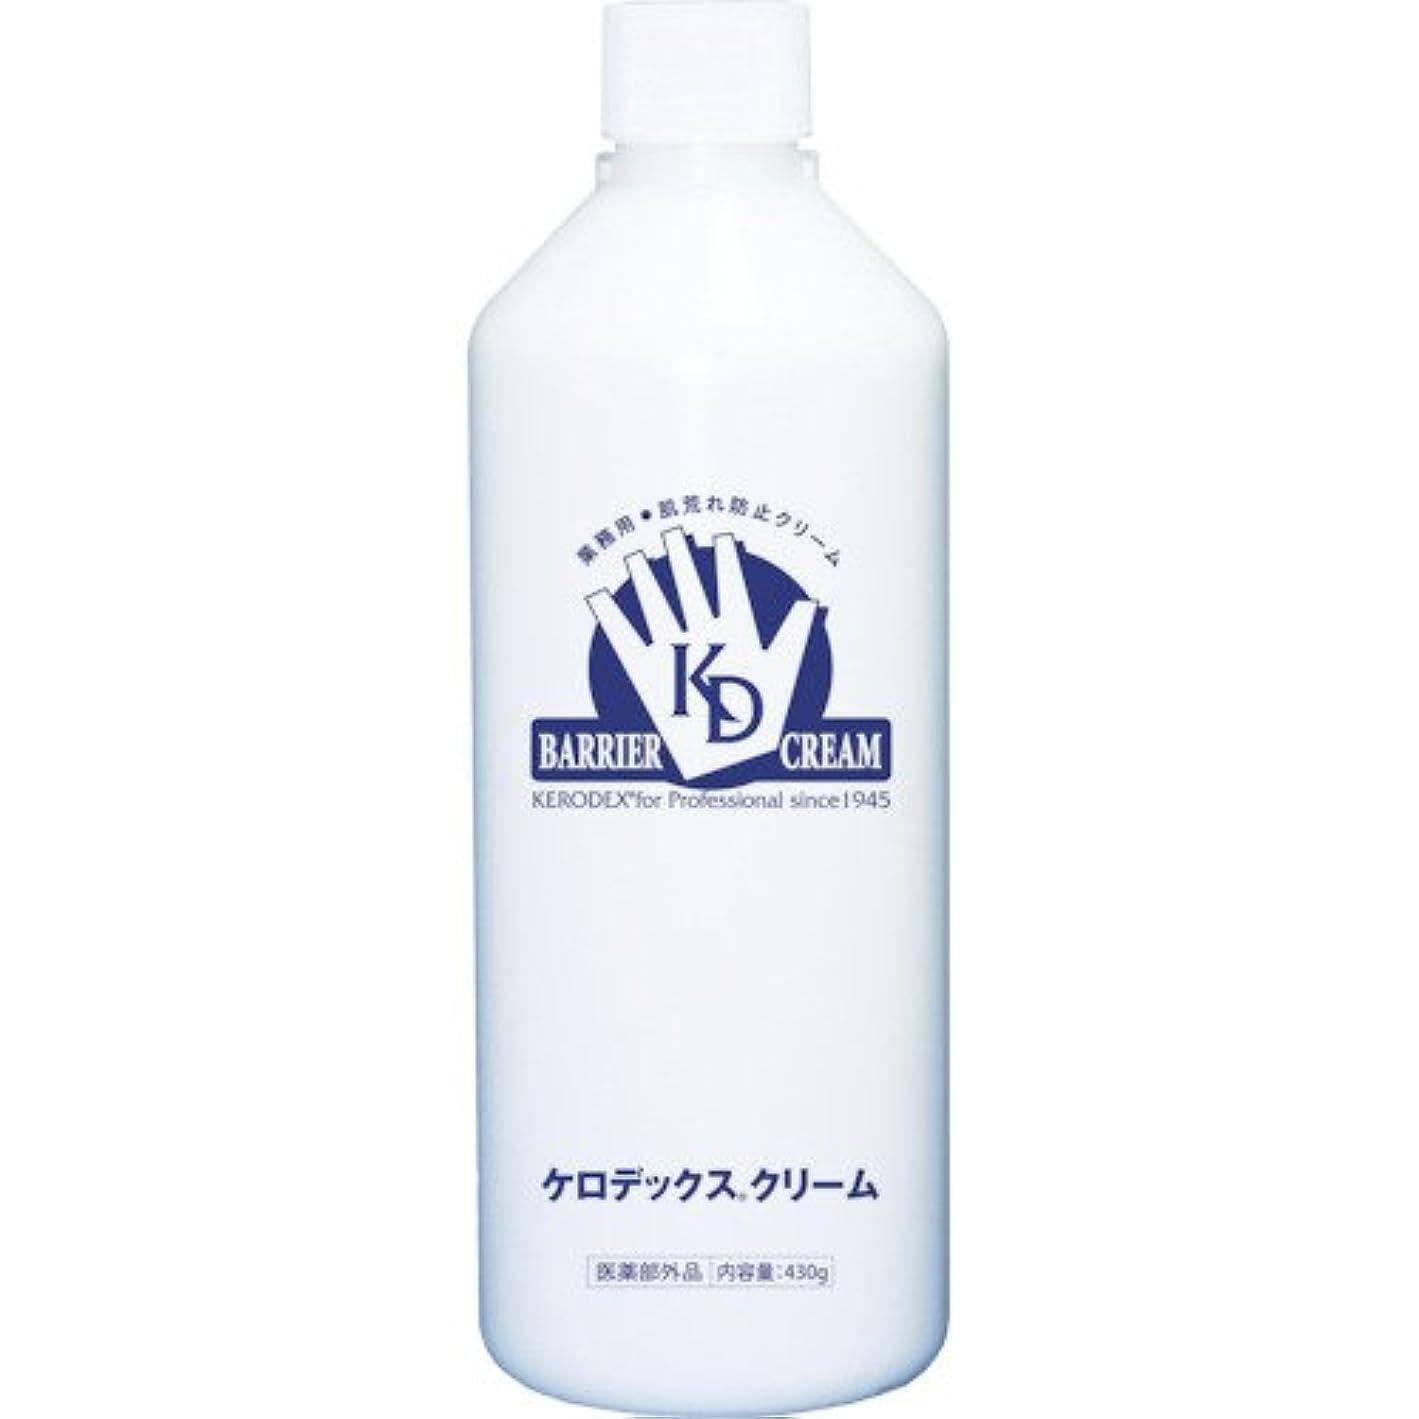 体現する爵ショッピングセンターケロデックスクリーム ボトルタイプ 詰替用 430g